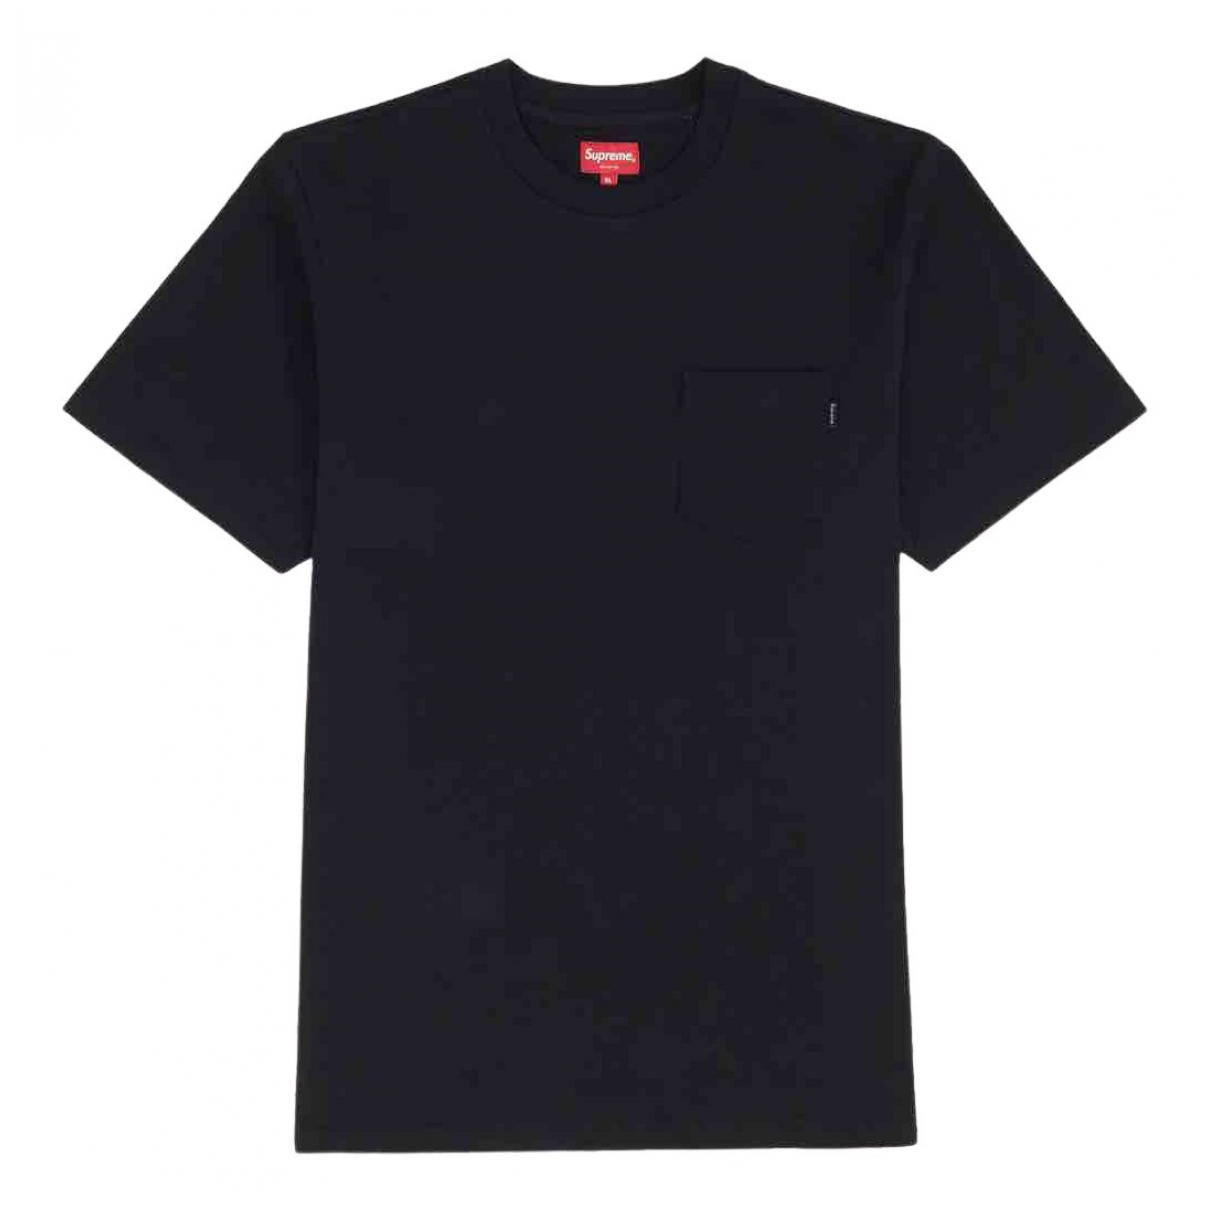 Supreme - Tee shirts   pour homme en coton - noir